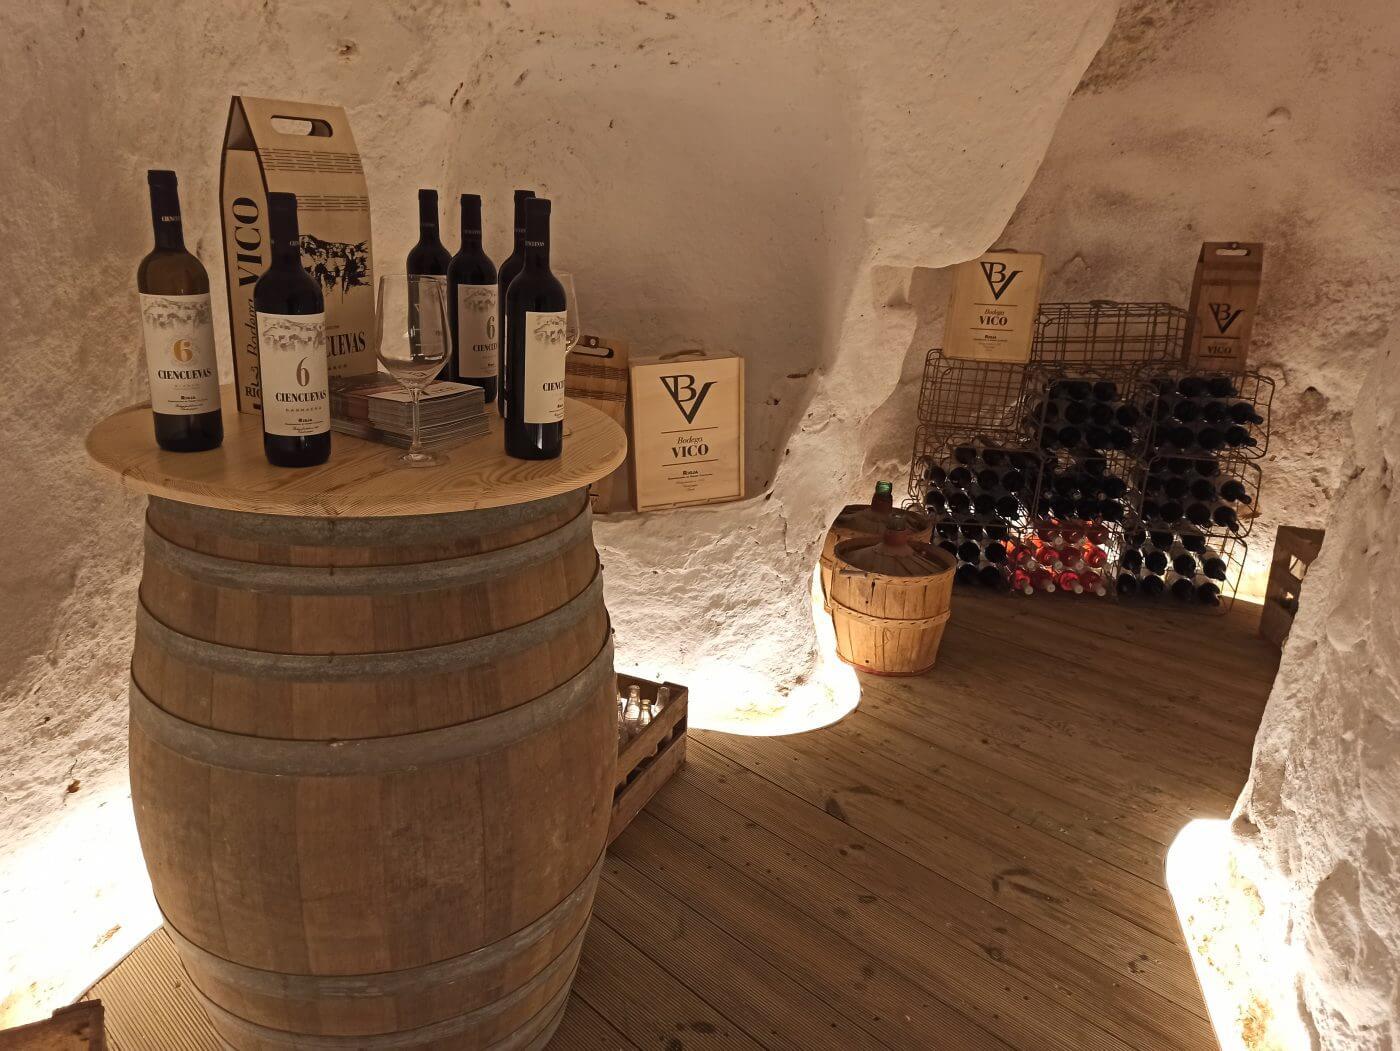 La Bodega Vico de Arnedo, presente en las Cuevas de los Cien Pilares, pone en marcha una tienda online y prepara su nueva tienda física